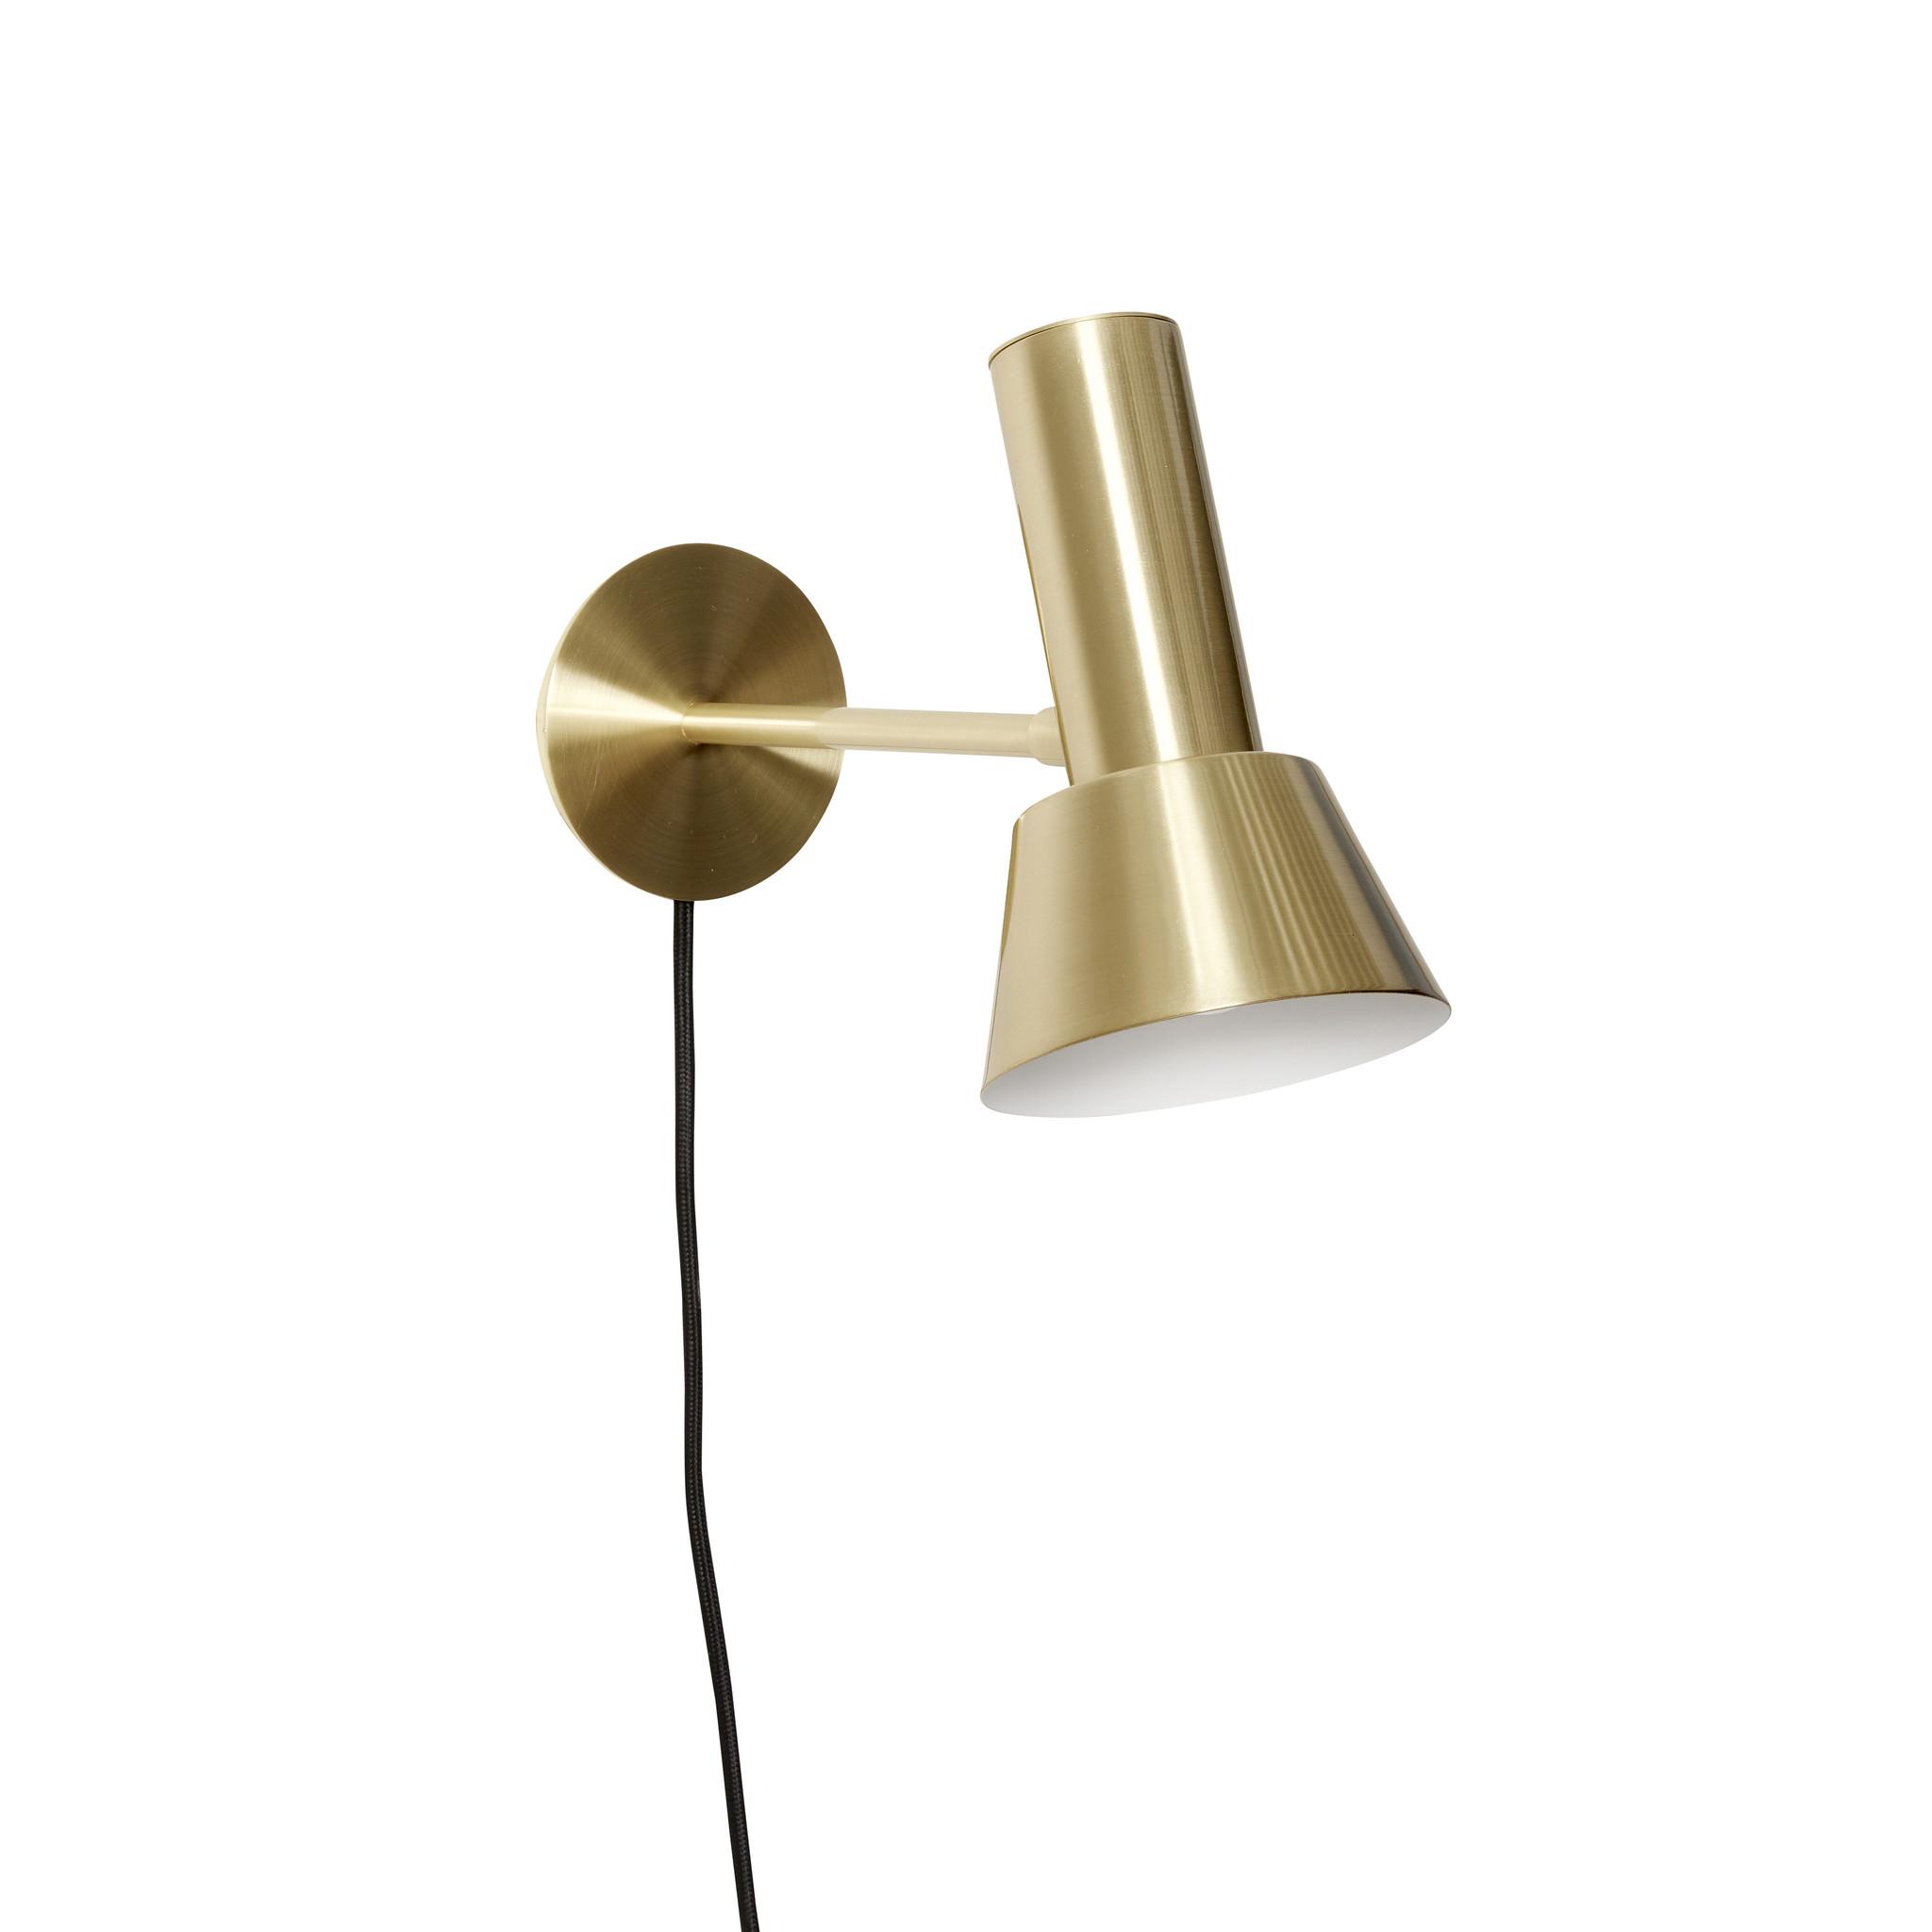 Hubsch Wandlamp messing goud/wit - 991209 - 12 x 19 x H20 cm-991209-5712772102343